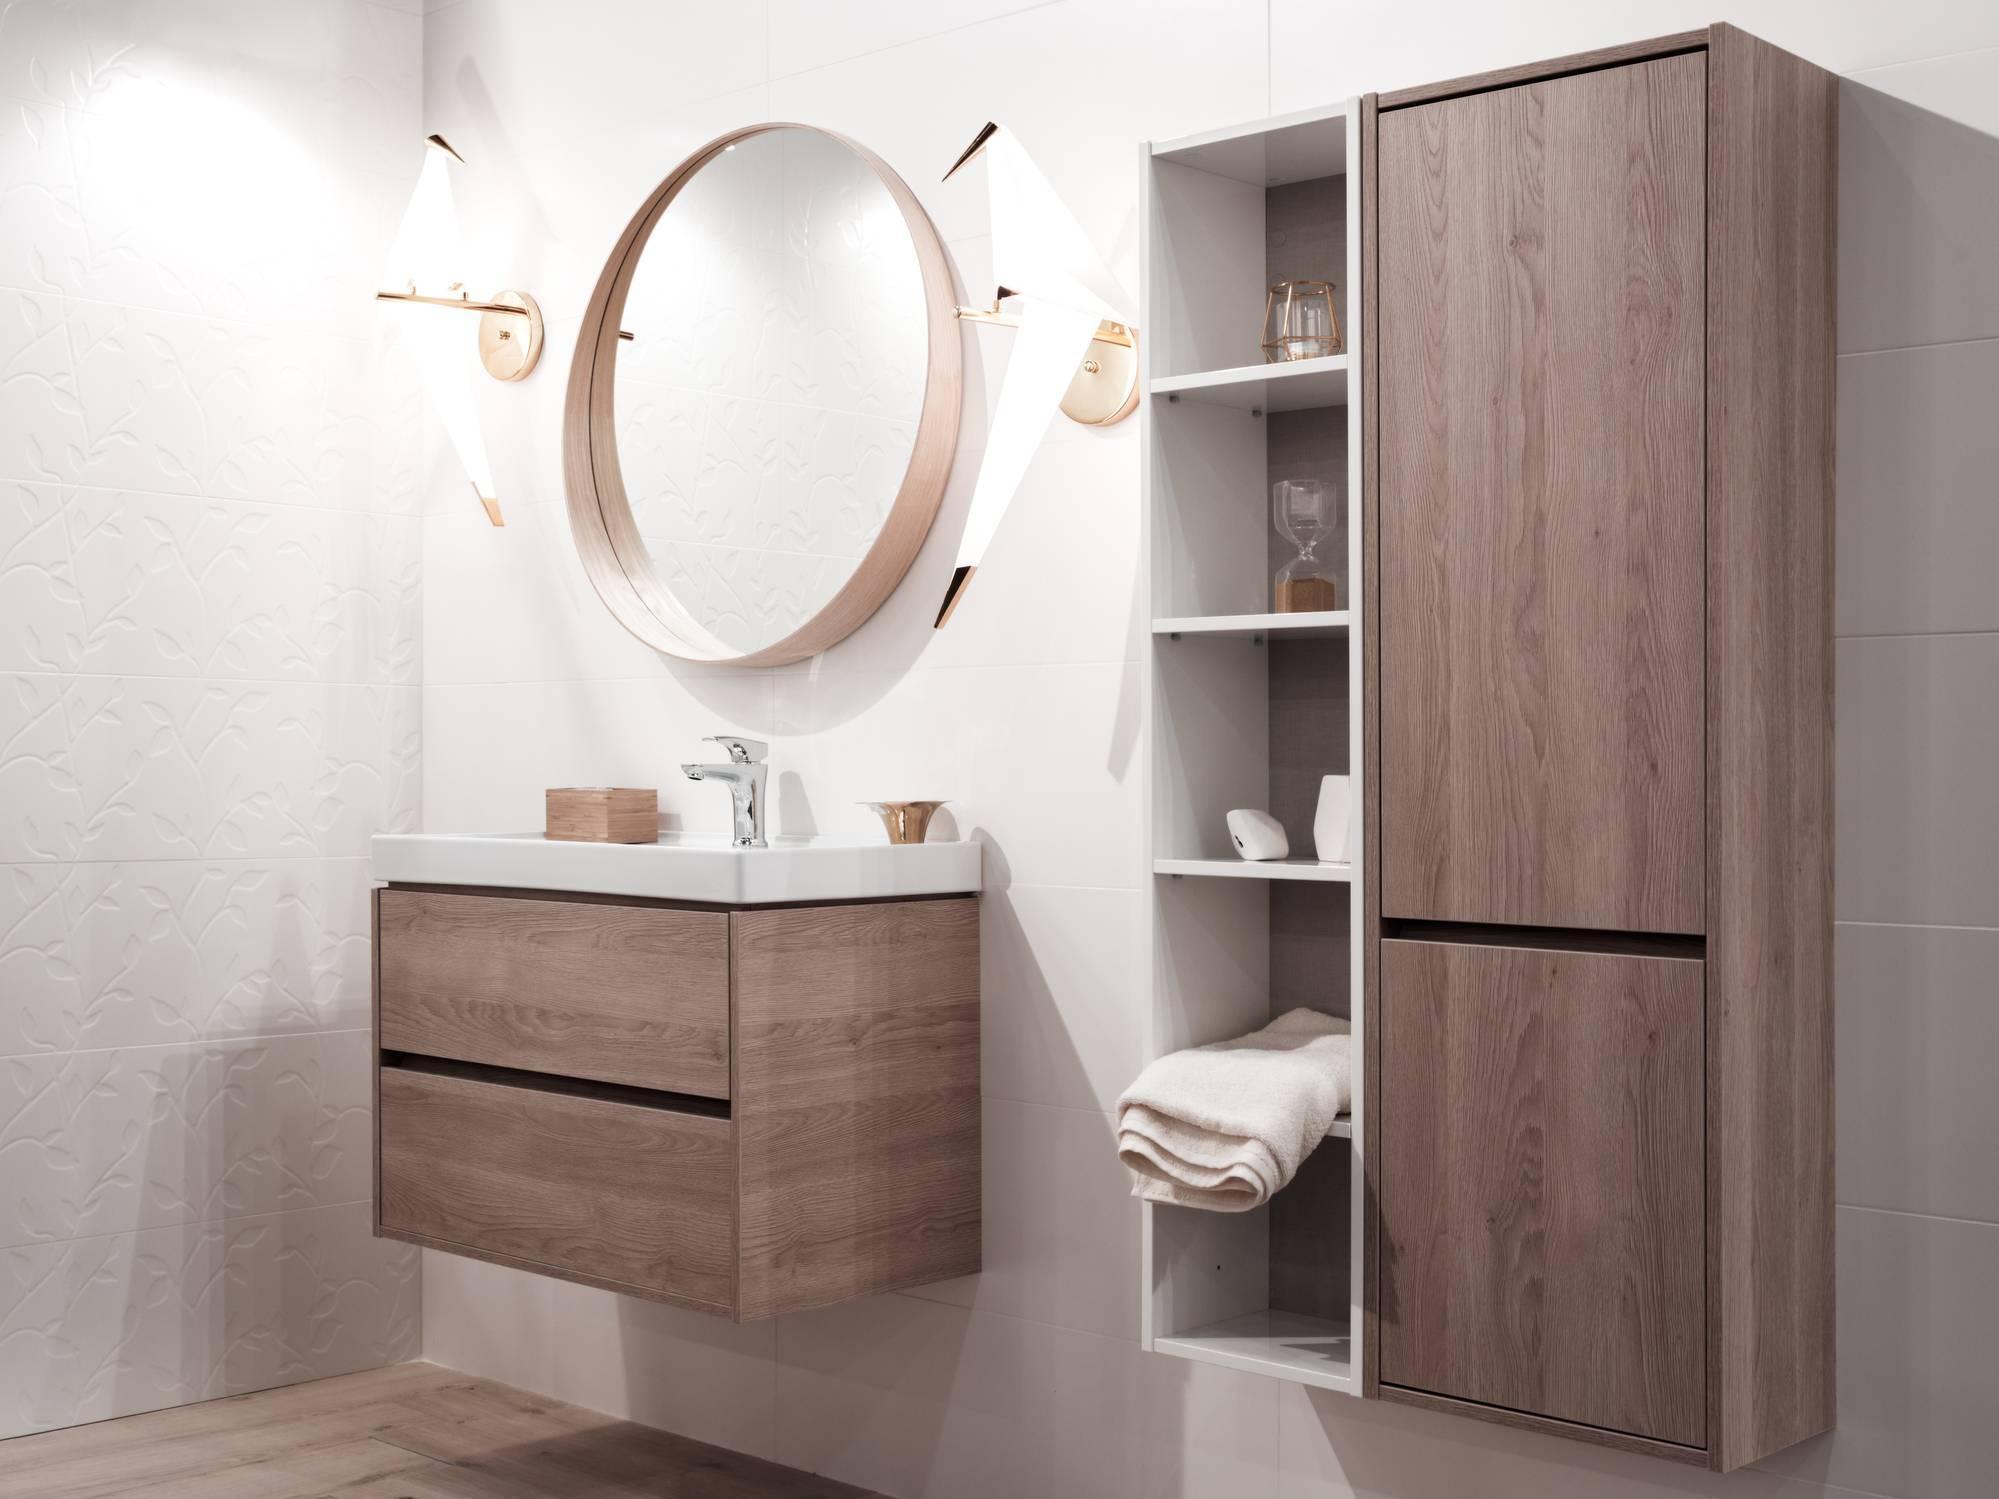 Salle de bain aménagée avec du mobilier en bois